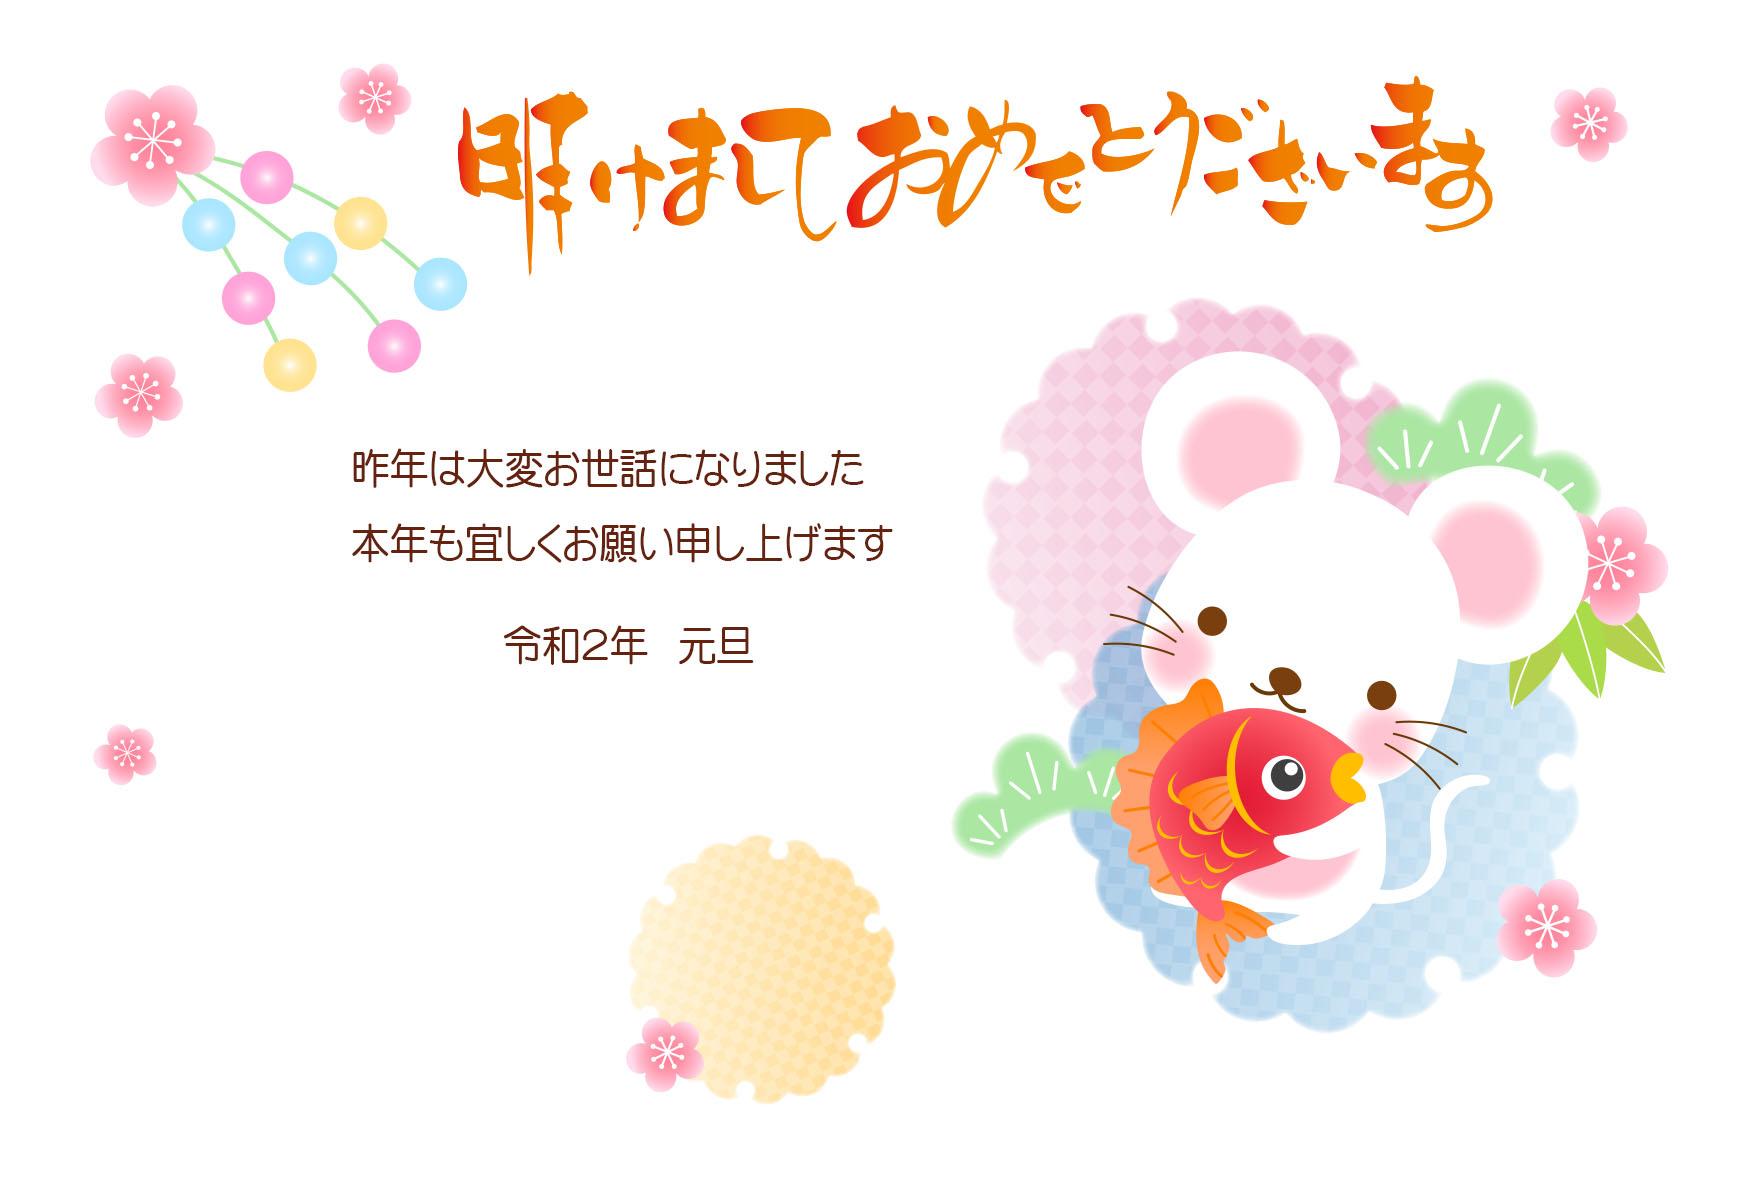 ねずみと鯛/2020年/年賀状テンプレート素材 \u2013 年賀状桜屋